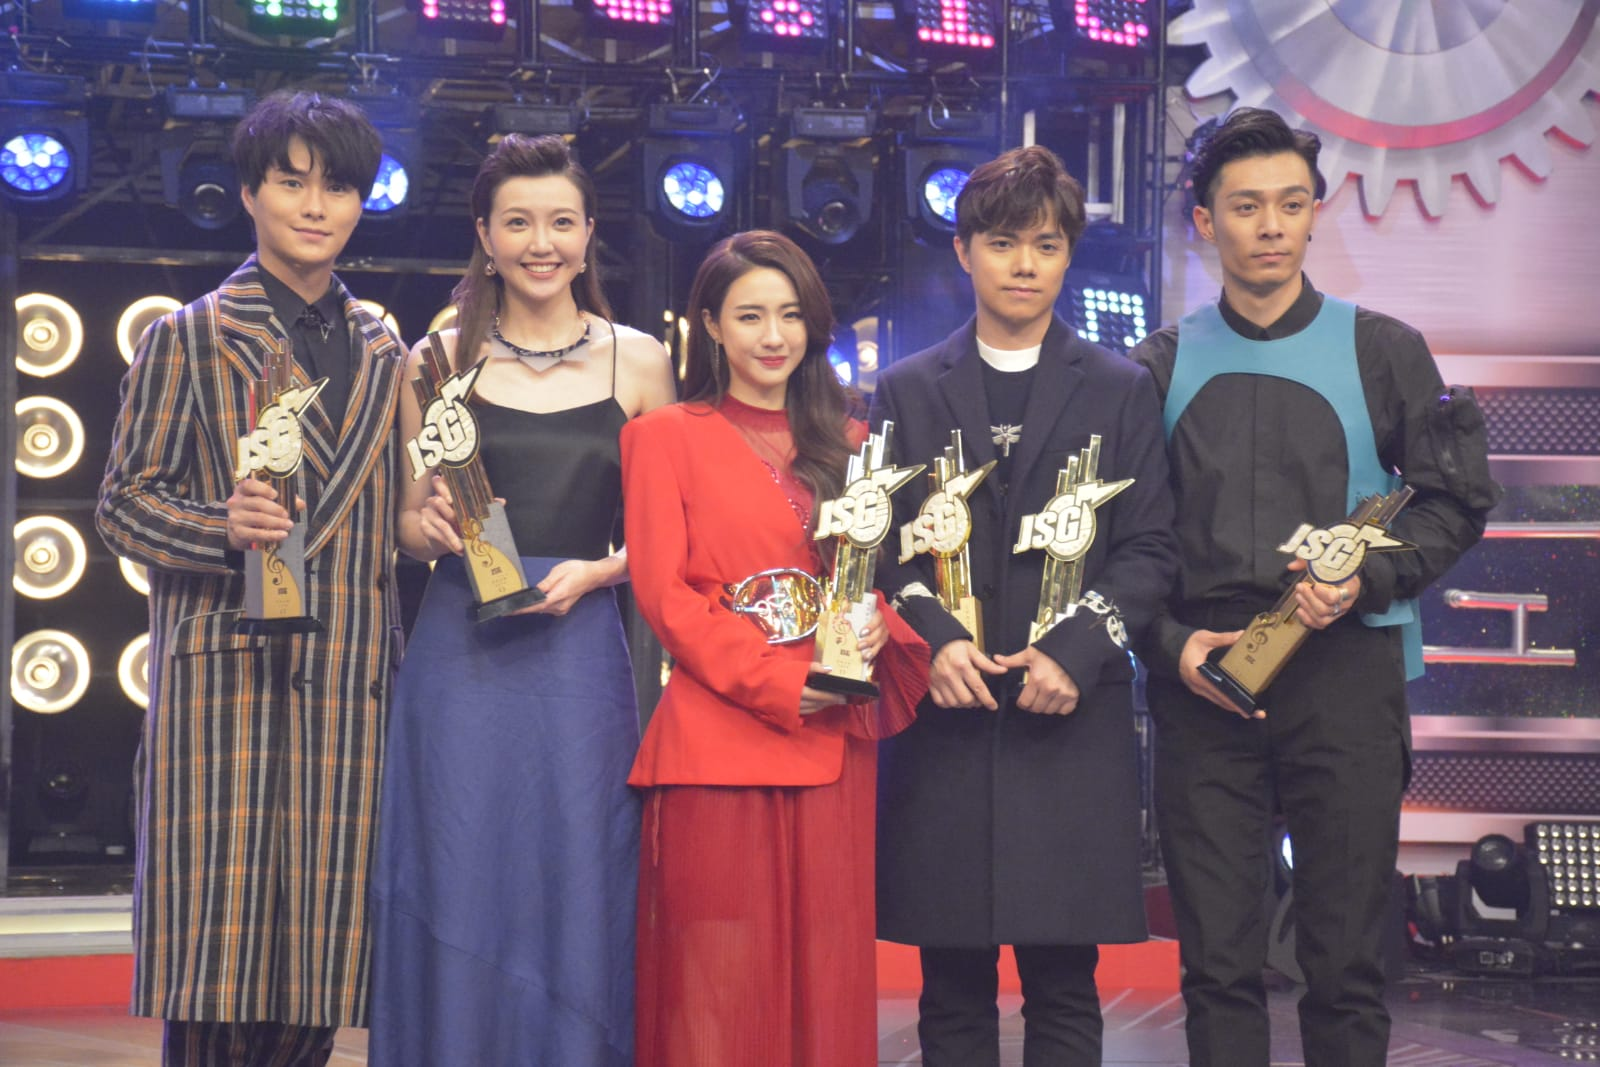 吳若希與胡鴻鈞(左一)一起得「最佳演繹男、女歌星獎」很開心,